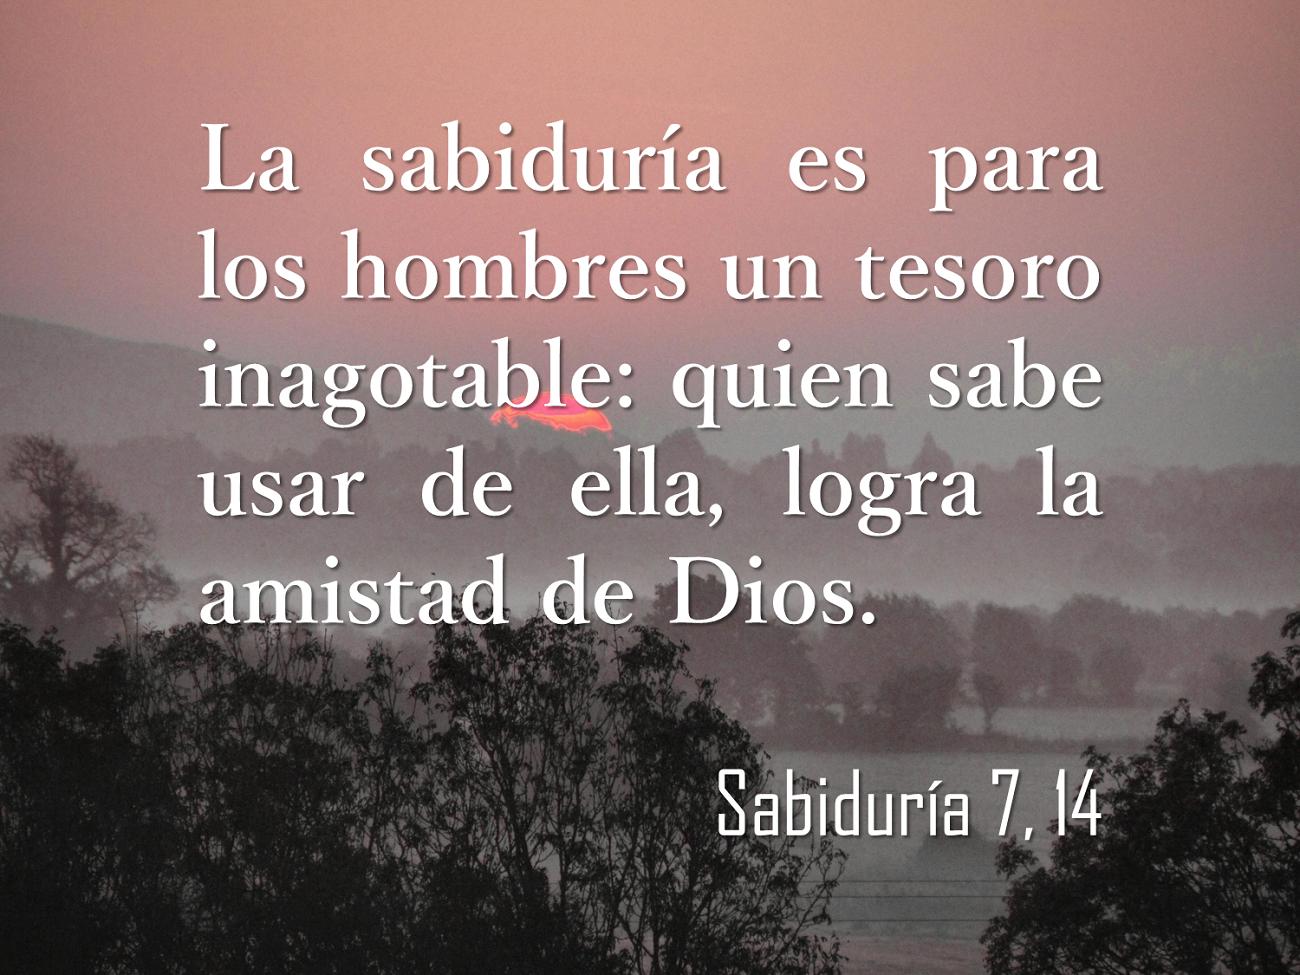 Versiculos De La Biblia De Animo: #biblia #versículos #sabiduría #Espiritualidad : La